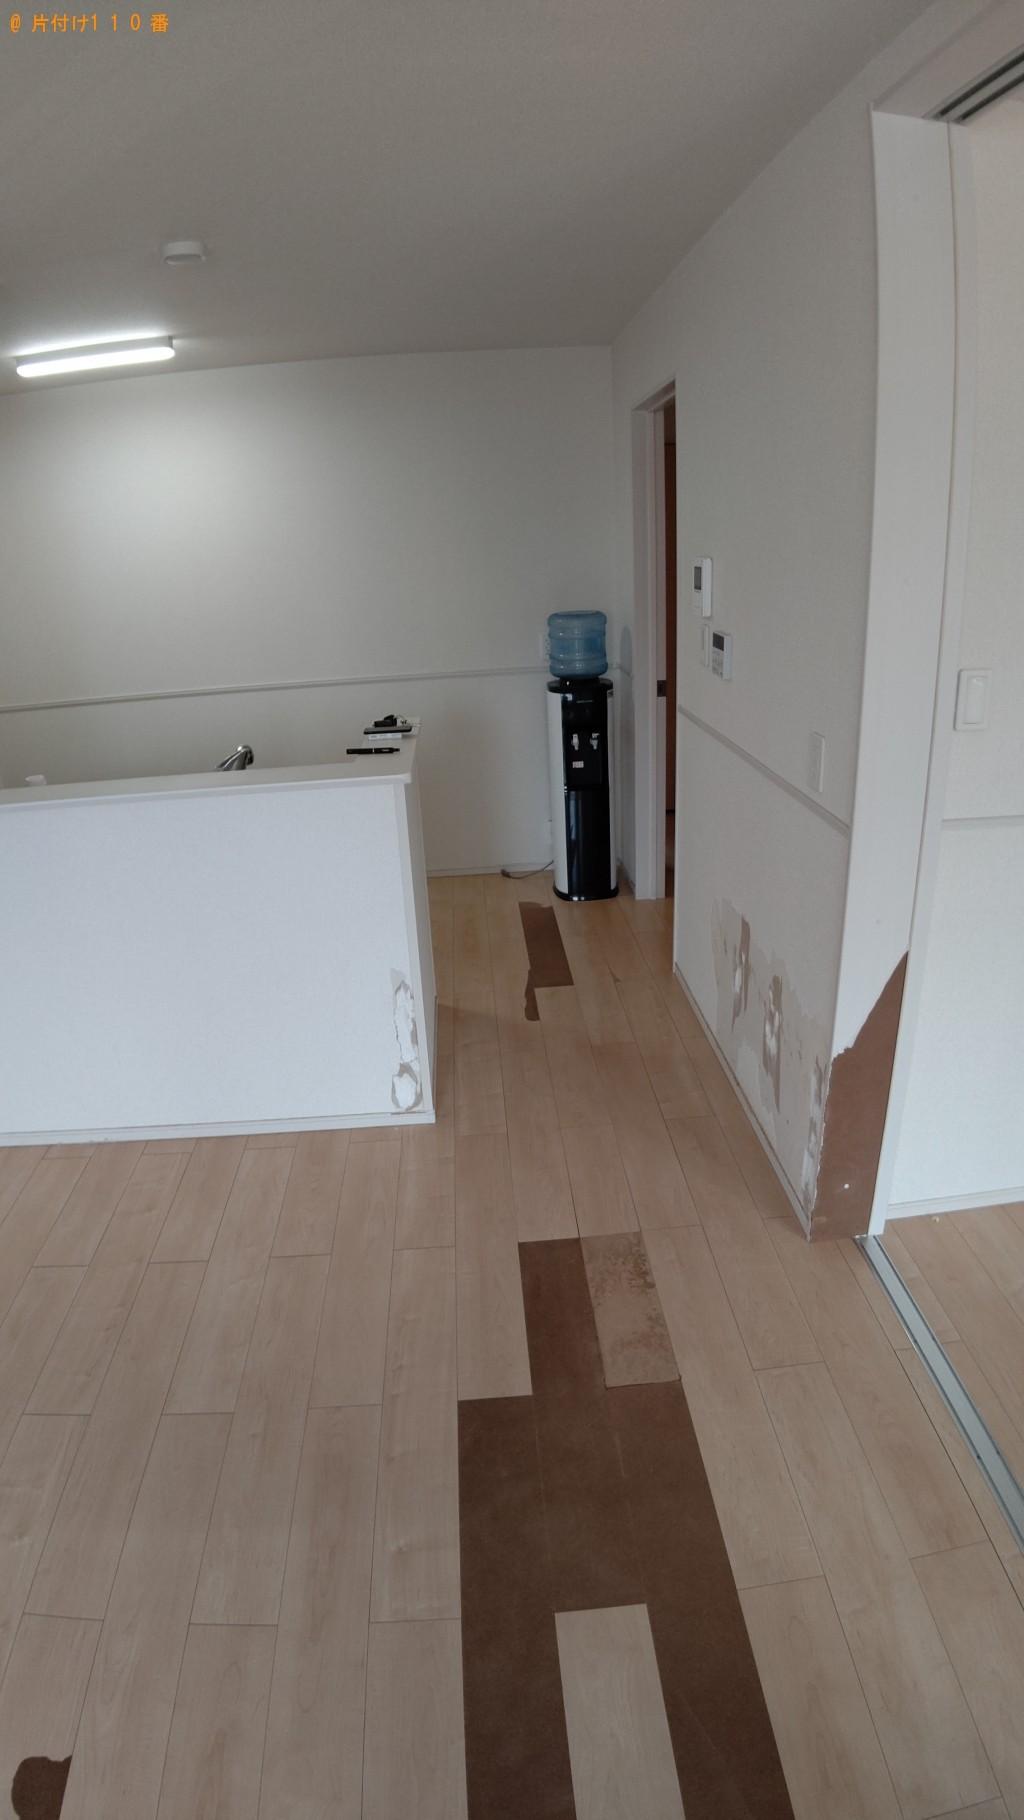 【伊勢市】ガラステーブル、ローテーブル、ソファー等の回収・処分